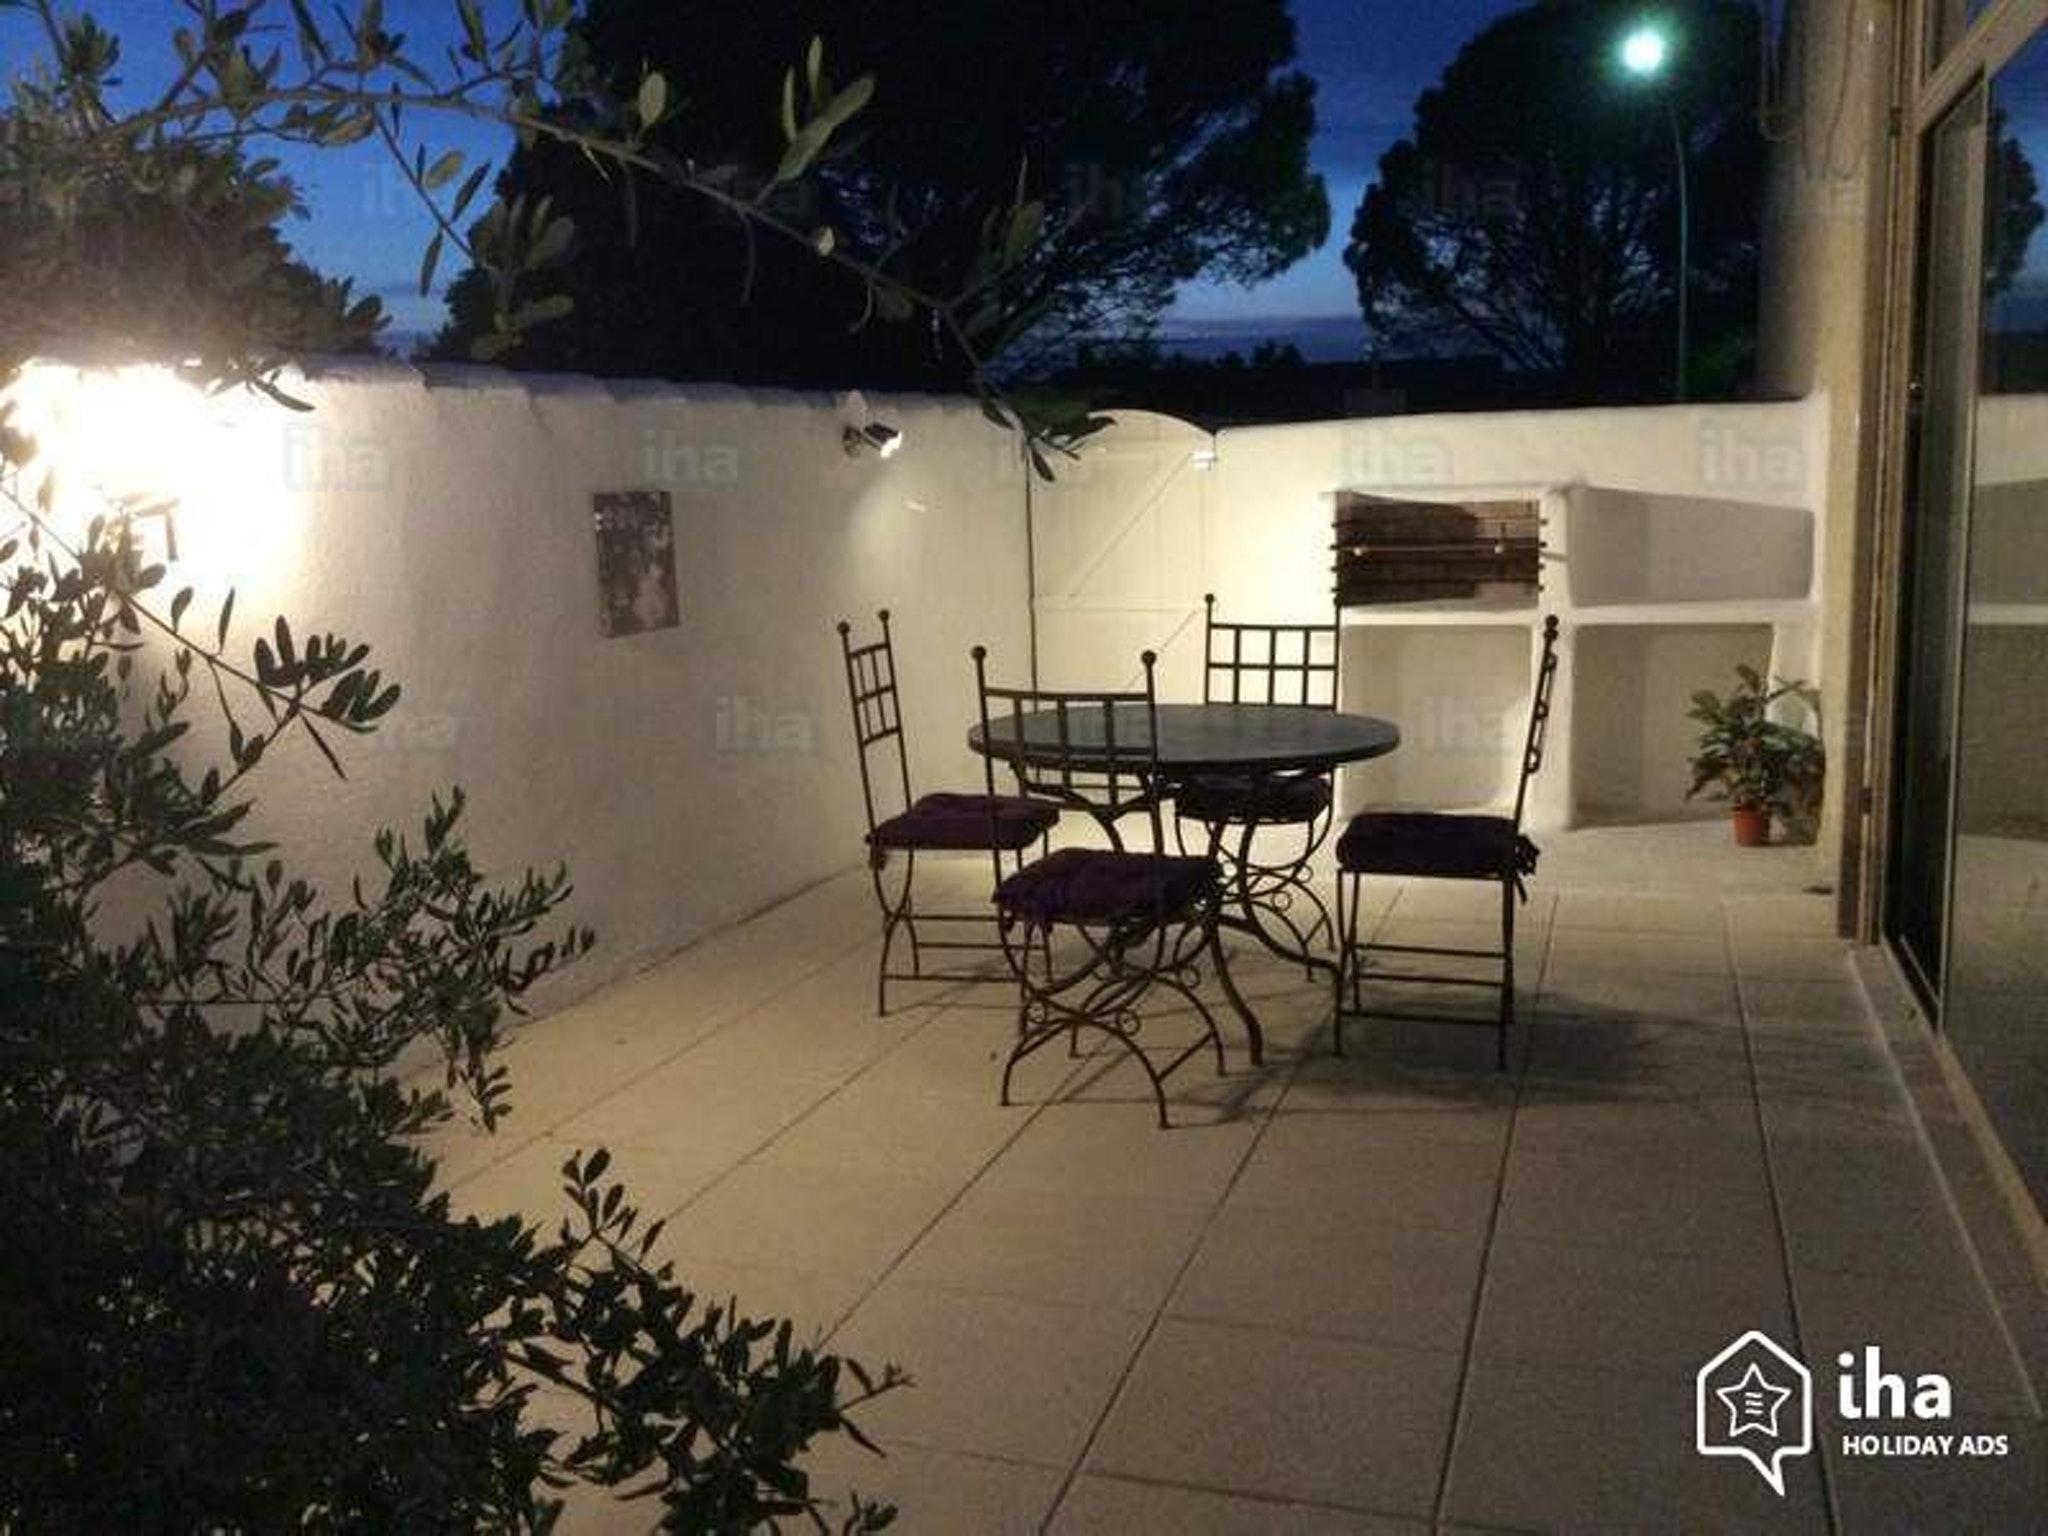 Maison de vacances Villa mit 3 Schlafzimmern in L'Isle-sur-la-Sorgue mit privatem Pool, möblierter Terrasse u (2208394), L'Isle sur la Sorgue, Vaucluse, Provence - Alpes - Côte d'Azur, France, image 20